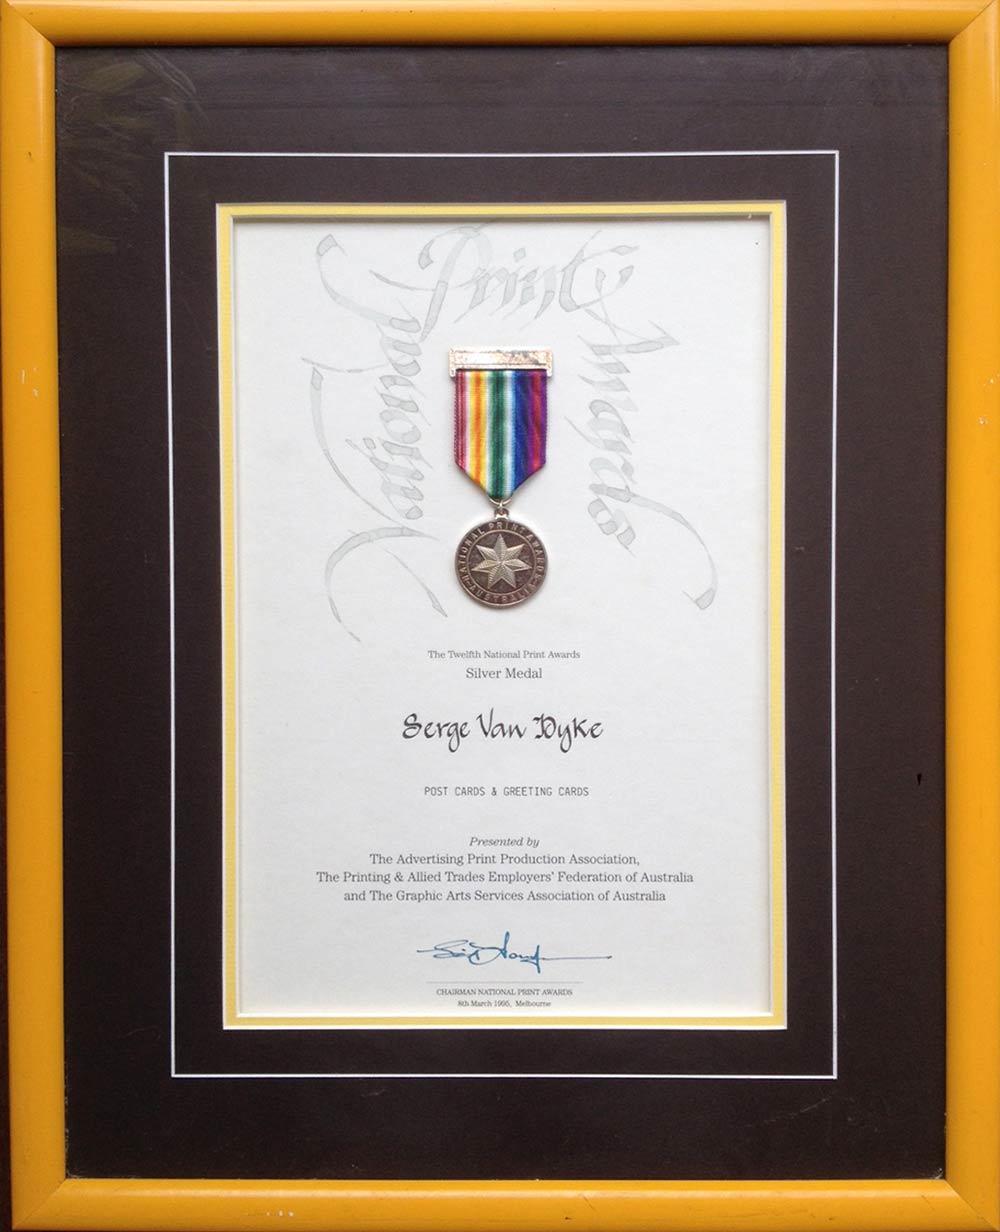 1995 award